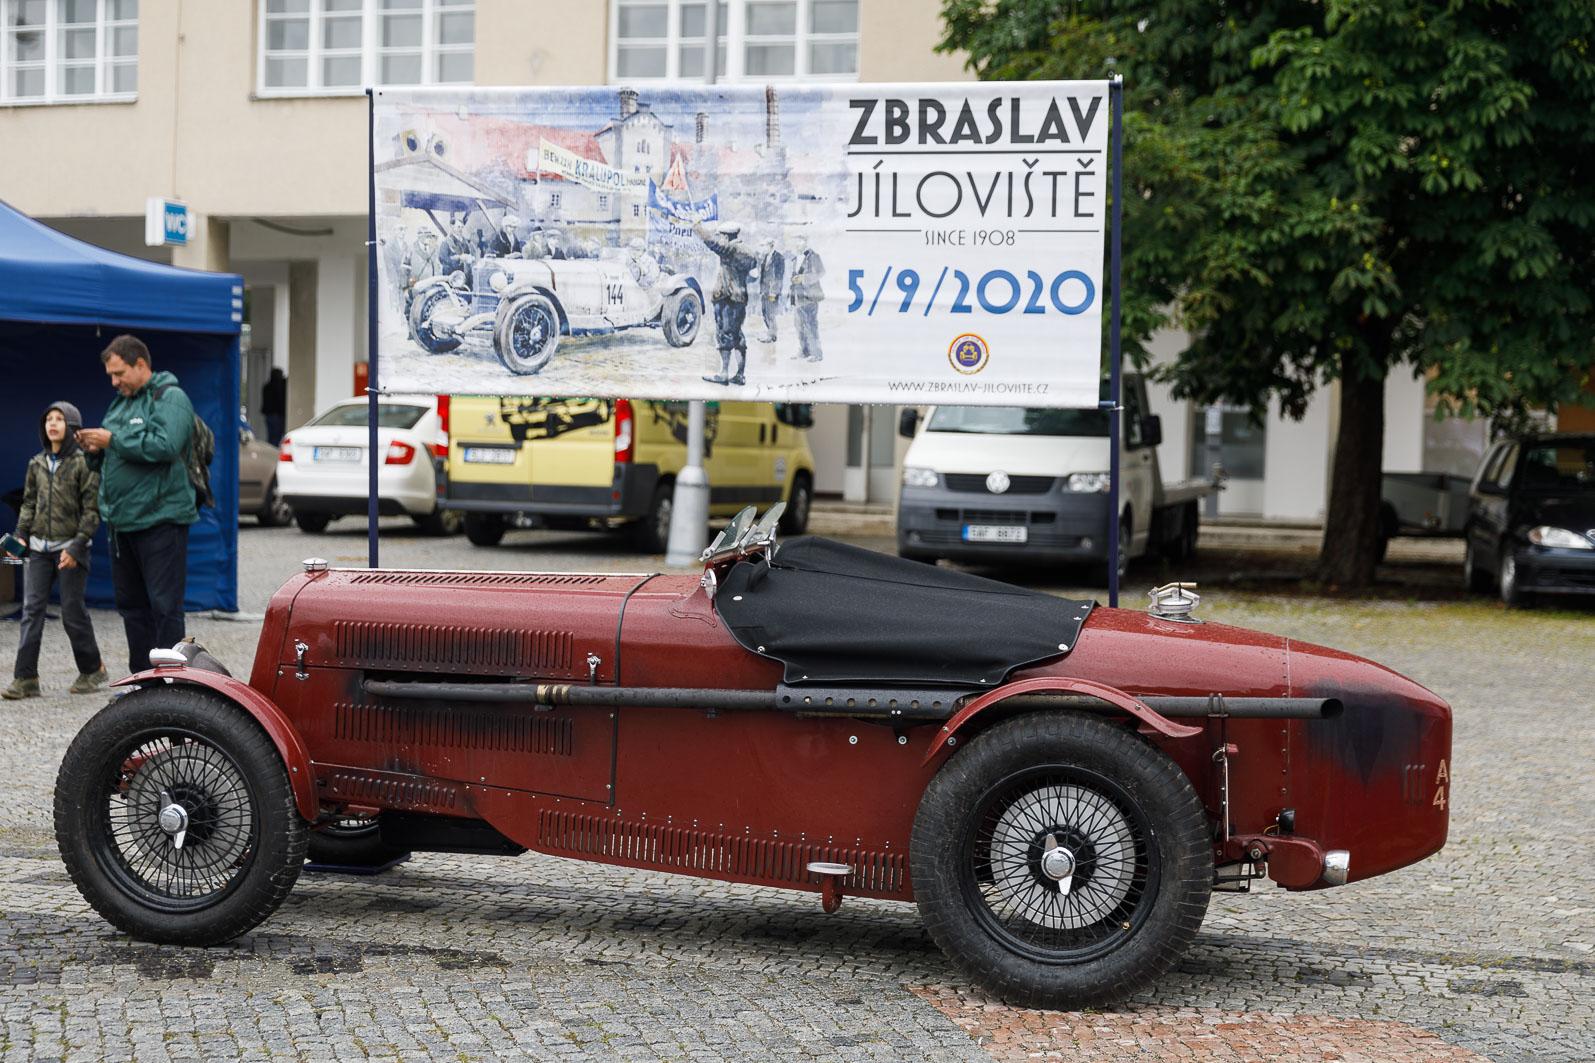 Na Revival Brno 2020 sa predviedol Talbot, ktorý zbiera svetové ocenenia Nq3bdvmxSR revival-7774